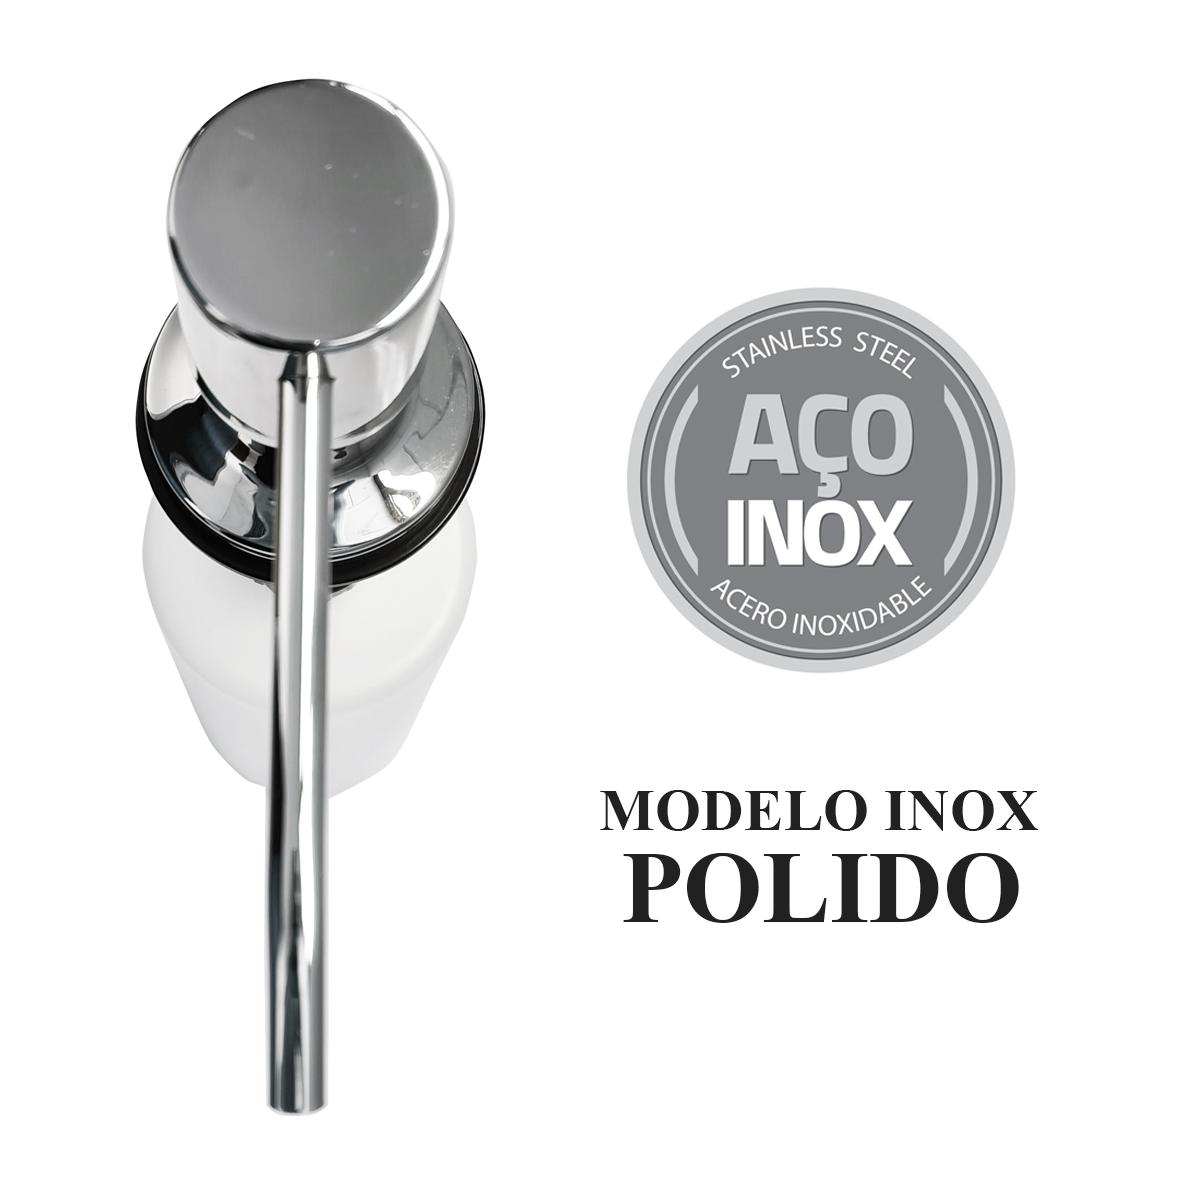 Dispenser e Dosador Inox 304 Polido de detergente sabão liquido para Bancada Embutir - Westing